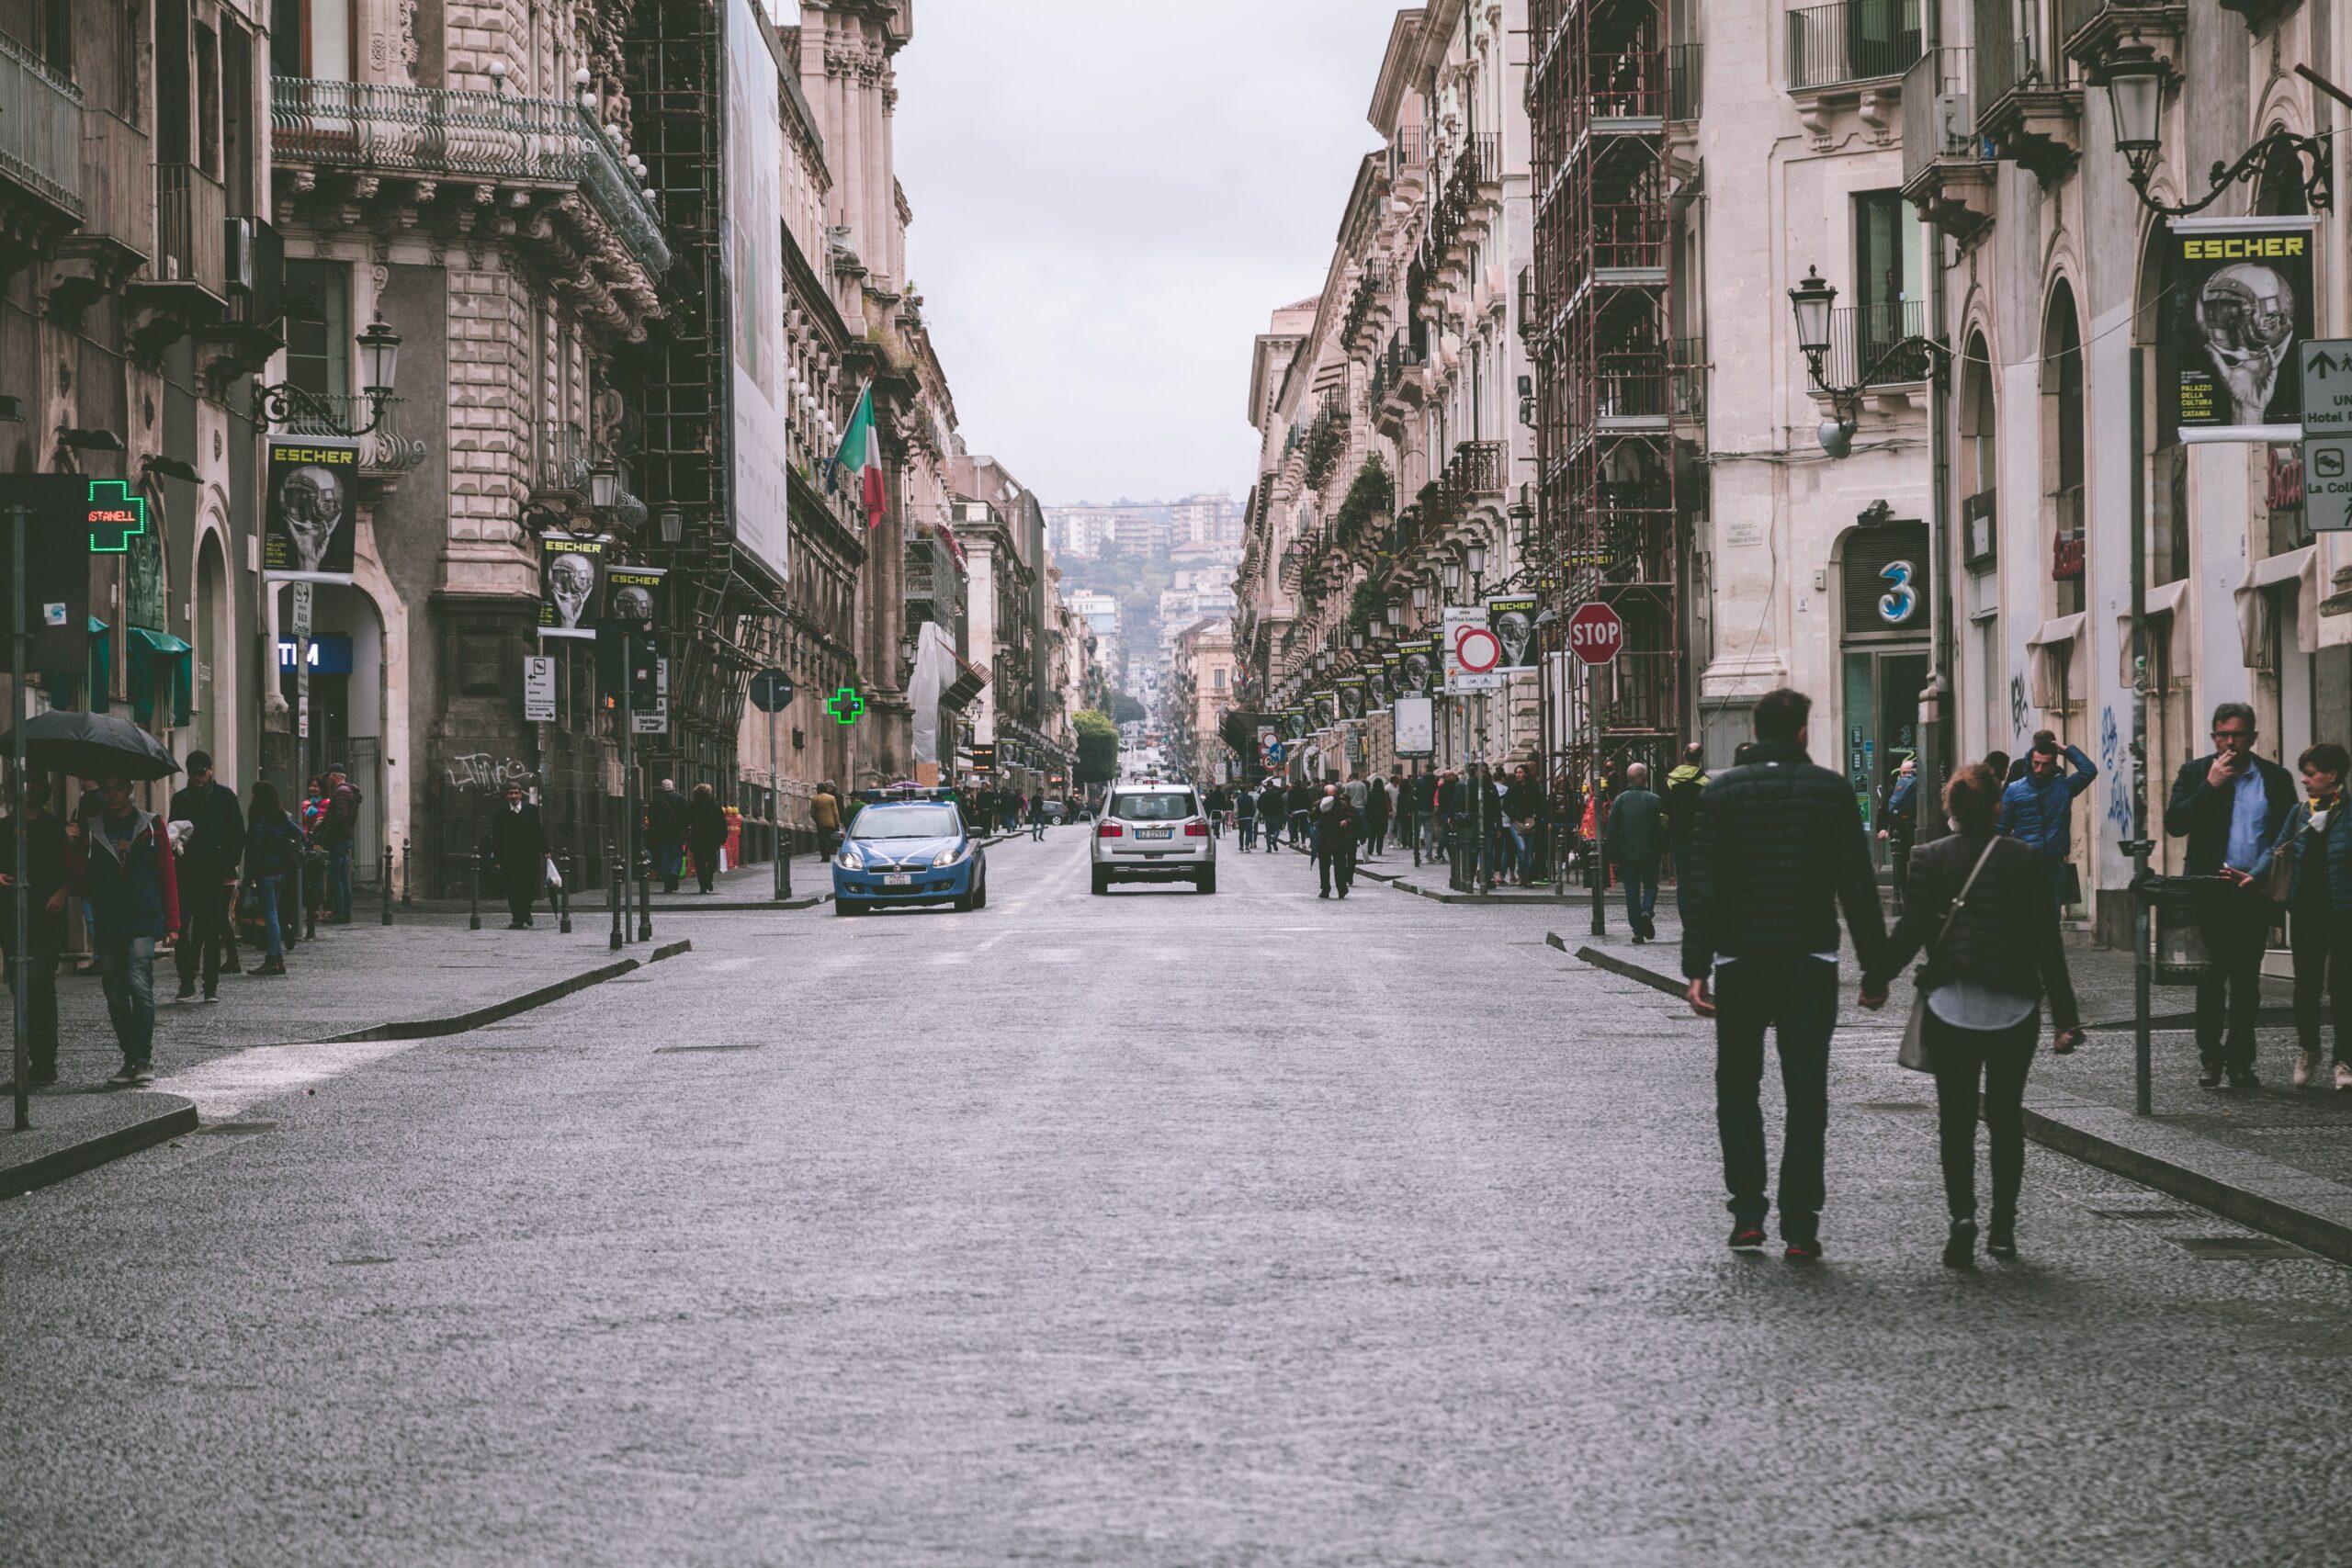 как узнать дорогу на английском?